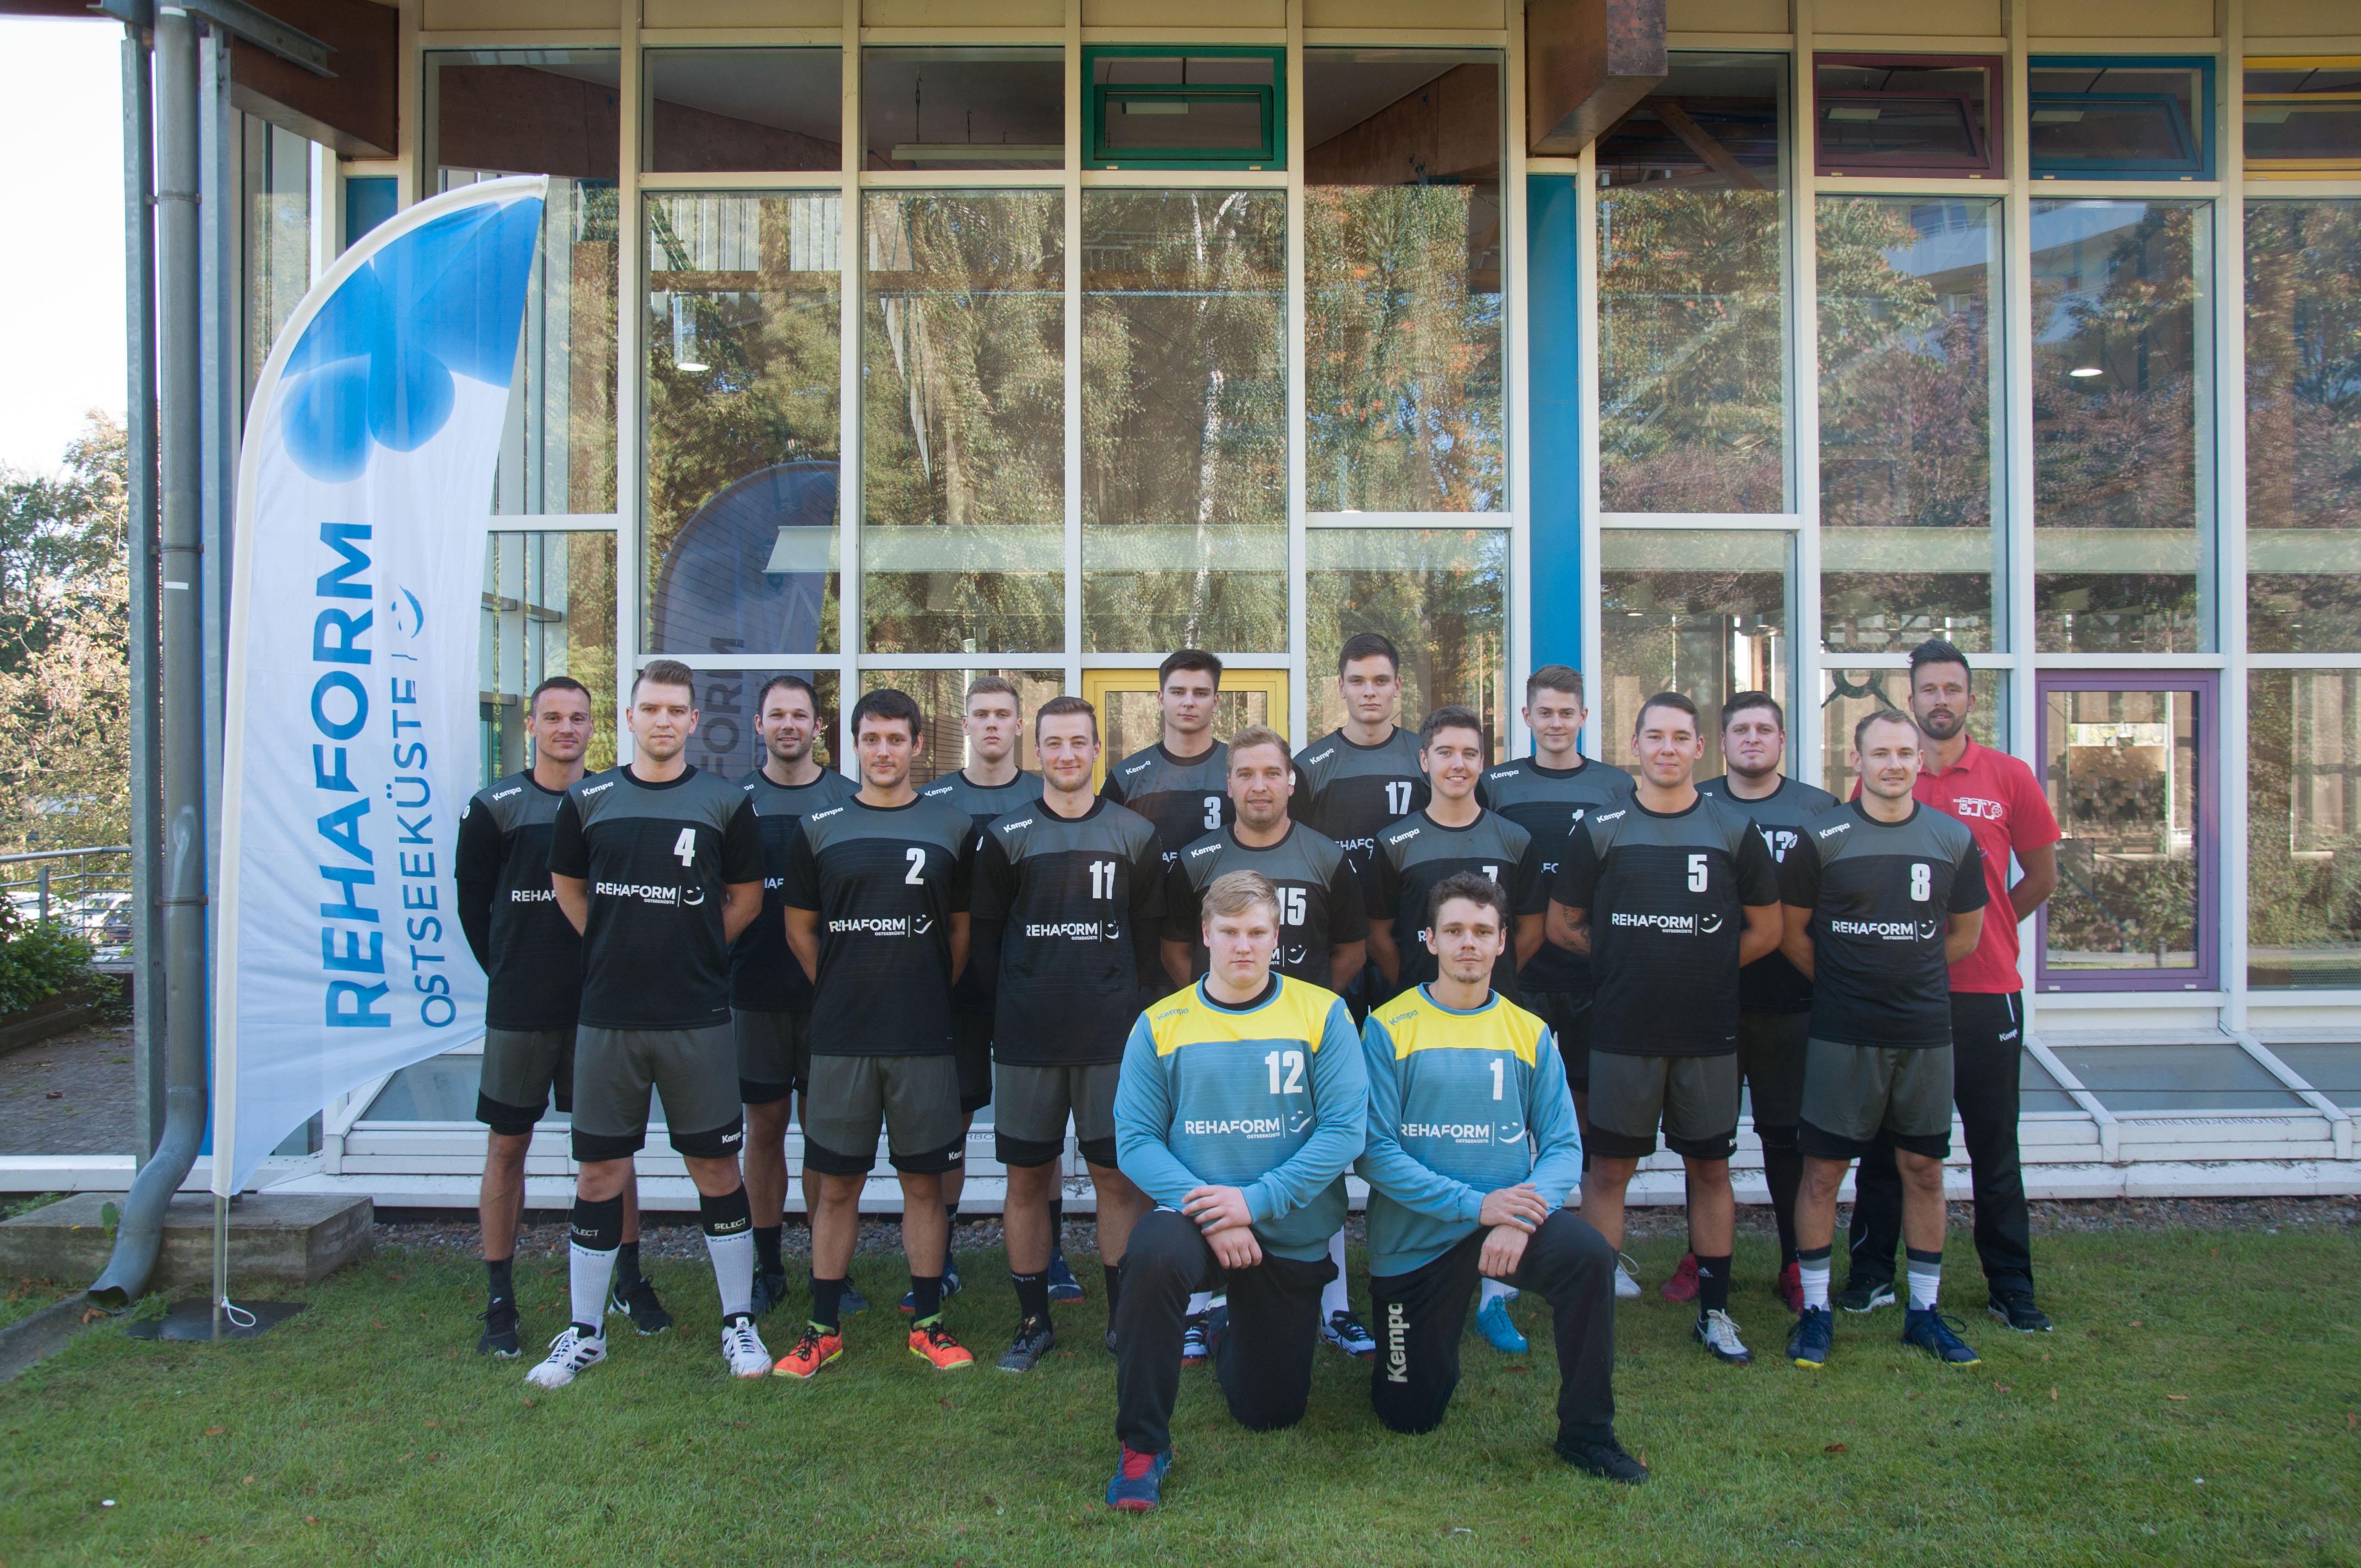 2. Männermannschaft mit Niederlage gegen den Güstrower HV